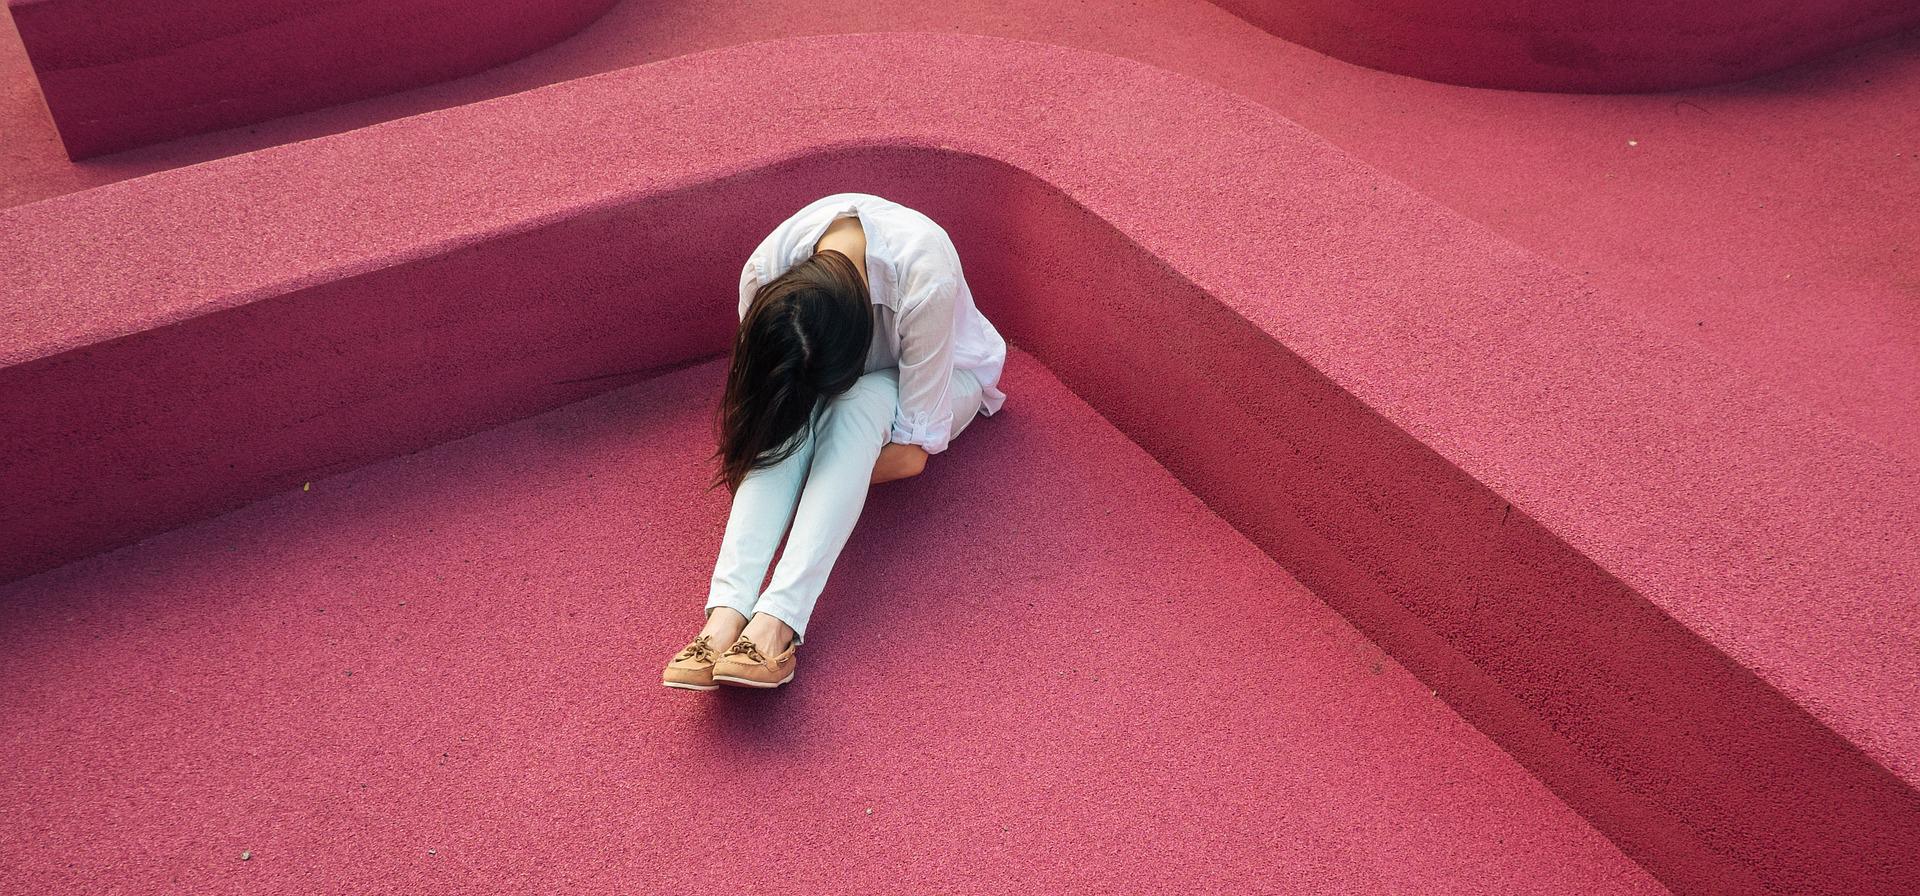 Vegetovaszkuláris dystonia mi ez egyszerű szavakkal - Ütés